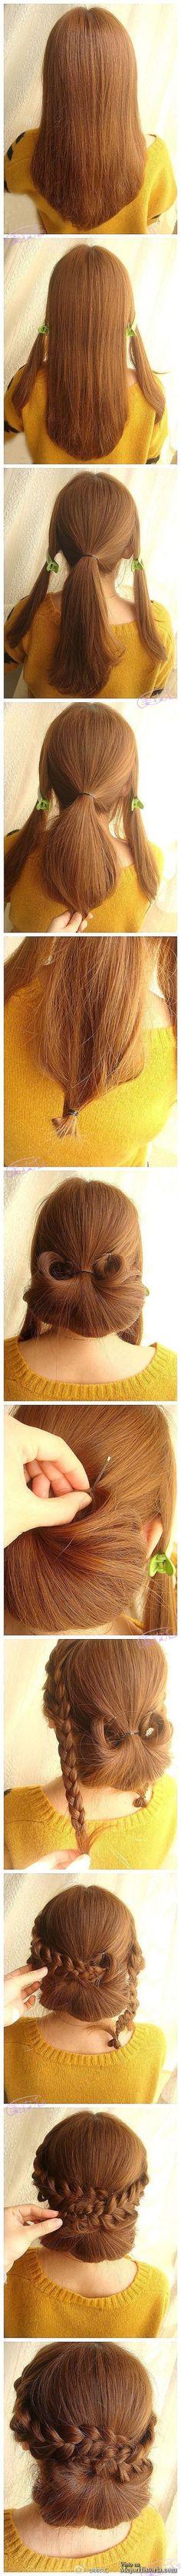 peinados originales para el verano (2)